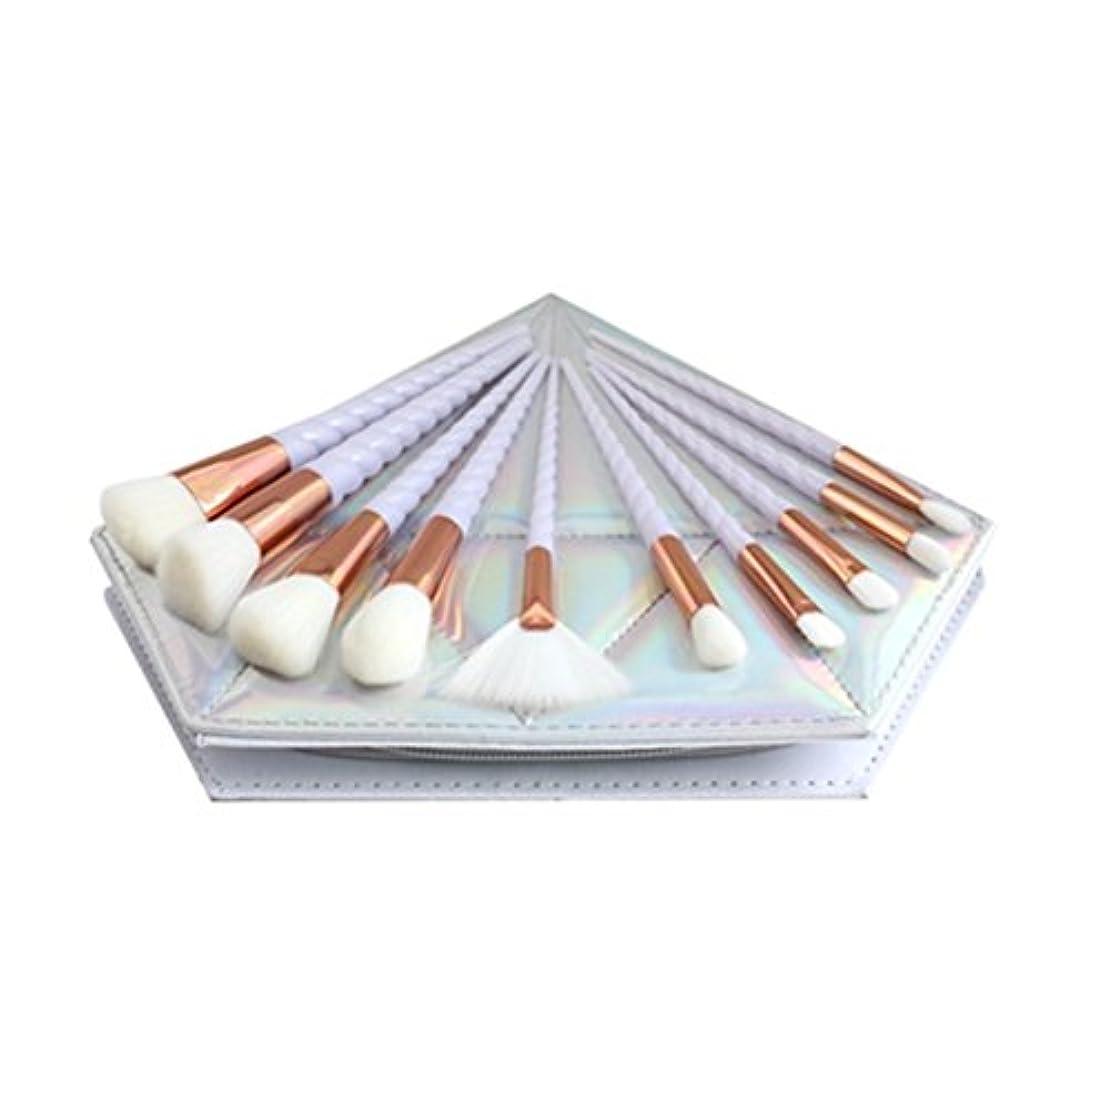 カーフ普及音節Dilla Beauty 10本セットユニコーンデザインプラスチックハンドル形状メイクブラシセット合成毛ファンデーションブラシアイシャドーブラッシャー美容ツール美しい化粧品のバッグを送る (白い柄 - 白い髪)